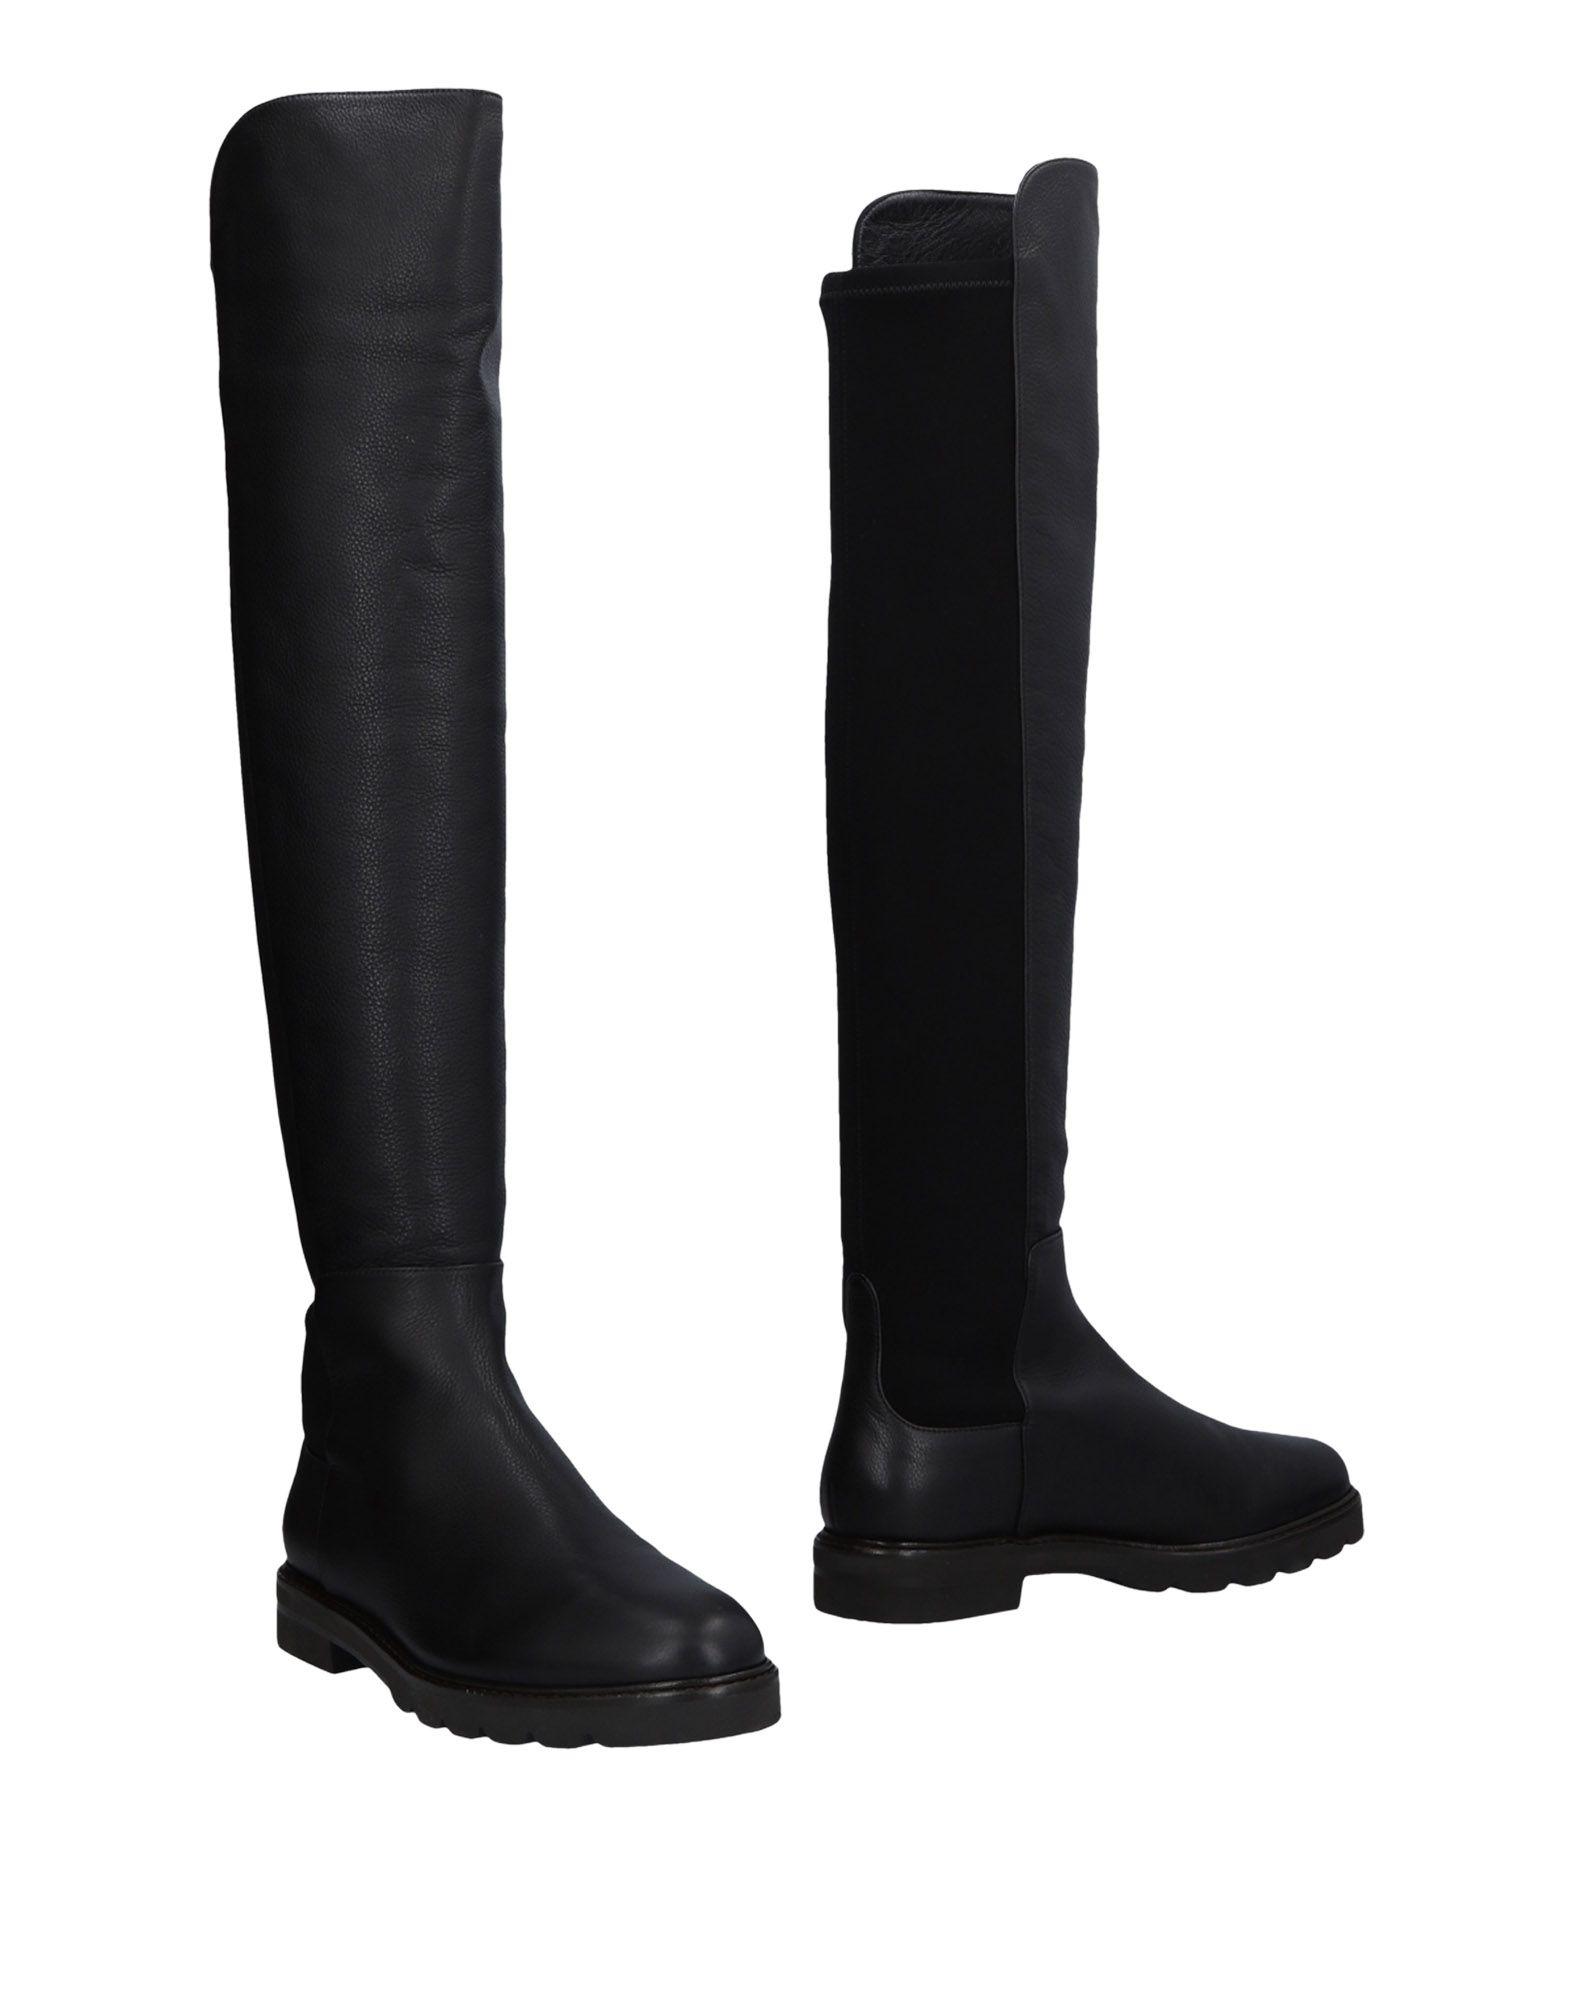 Stuart Stuart Weitzman Boots - Women Stuart Stuart Weitzman Boots online on  Canada - 11475381BC 754150